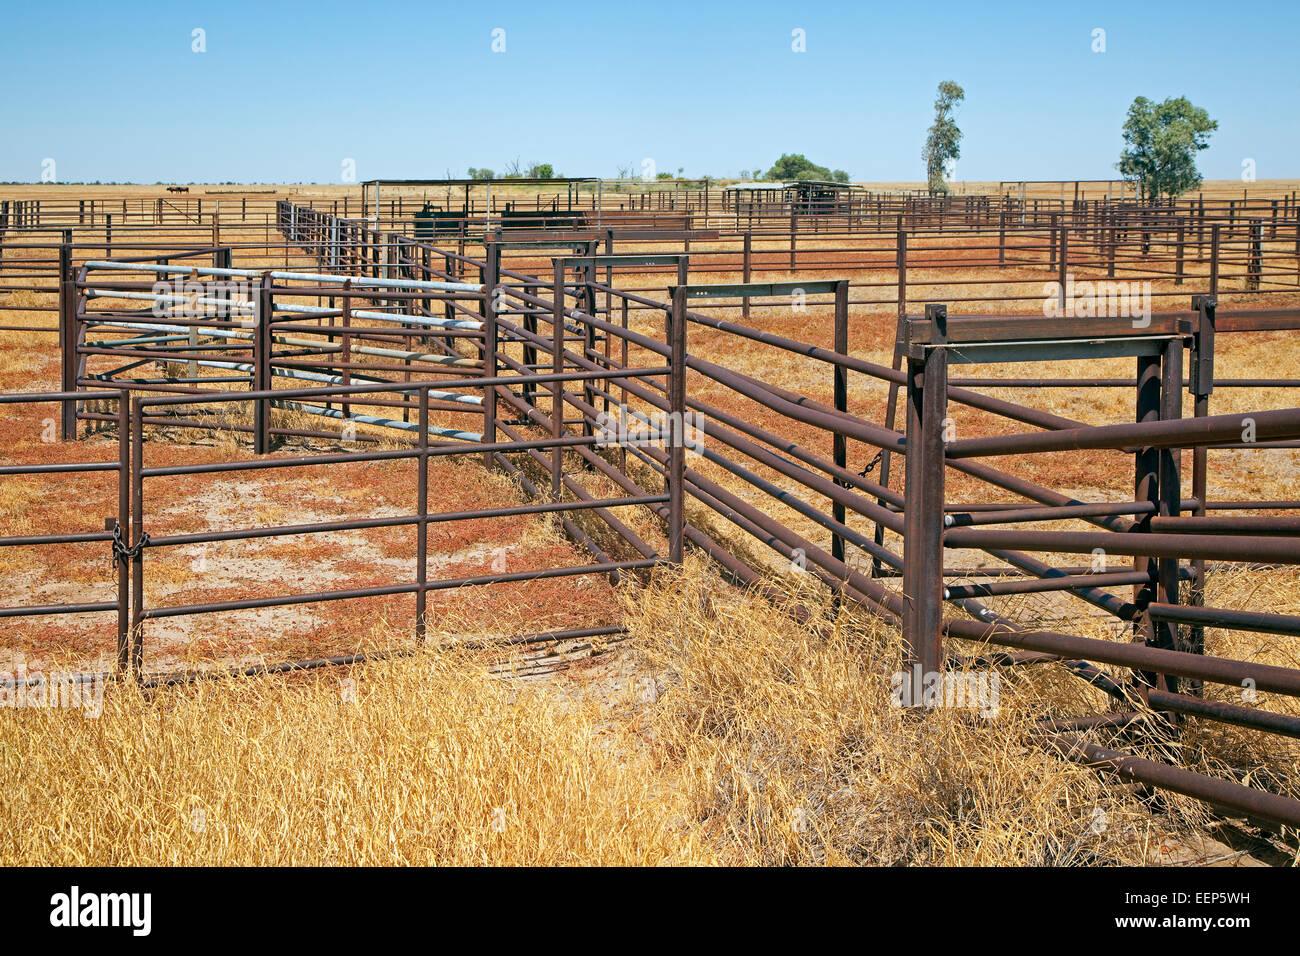 Portes de métal stylo / corral à cattle station dans l'outback australien, Territoire du Nord, Australie Photo Stock